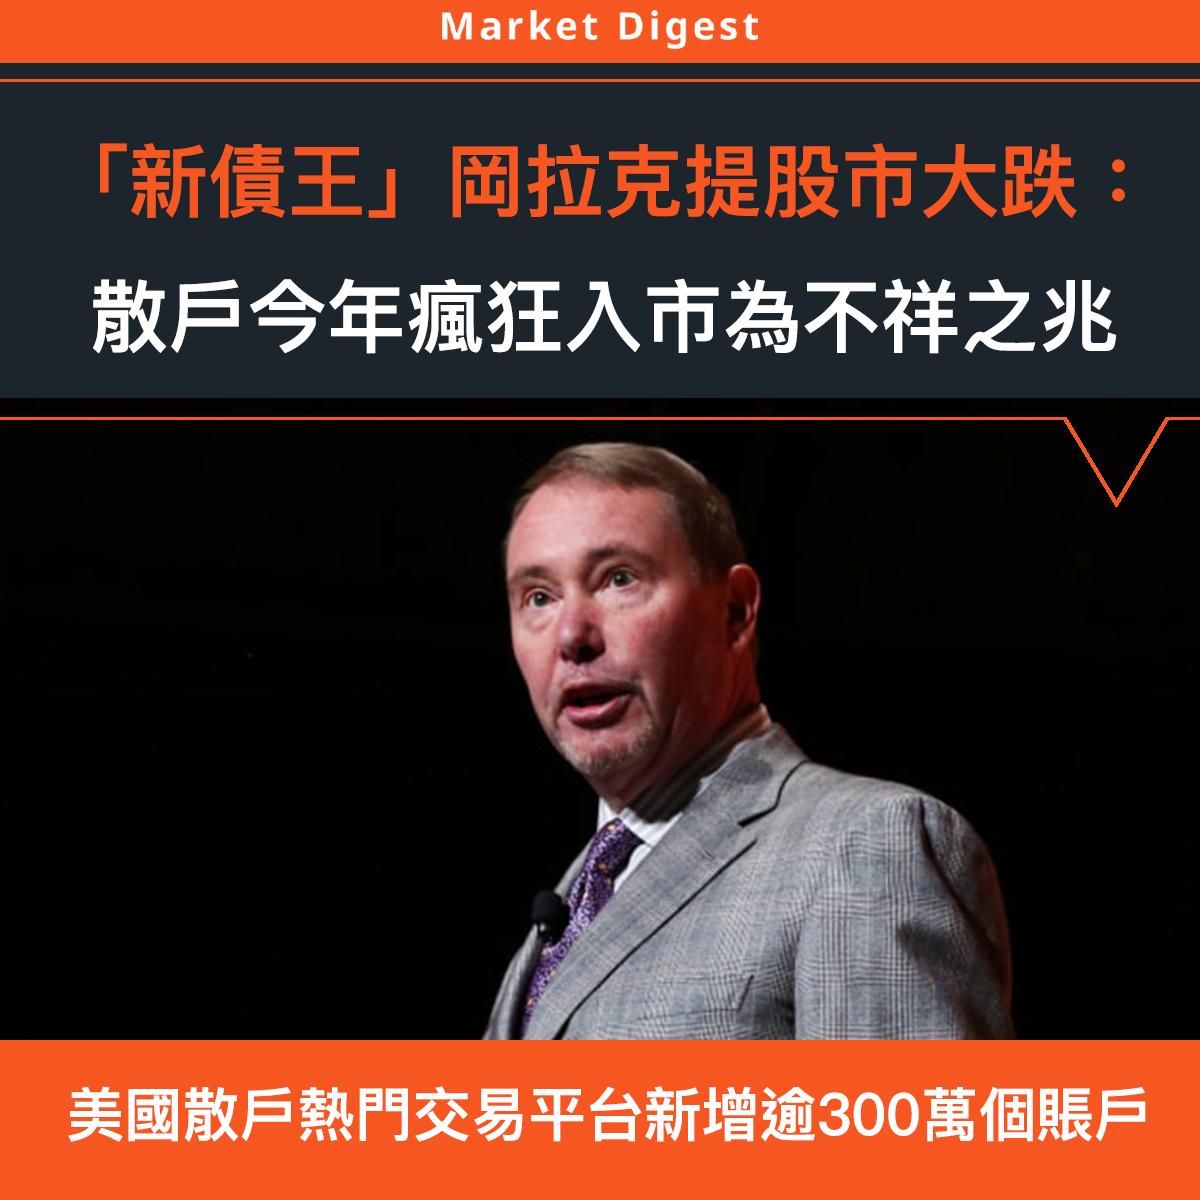 【市場熱話】「新債王」岡拉克提股市大跌:散戶今年瘋狂入市為不祥之兆